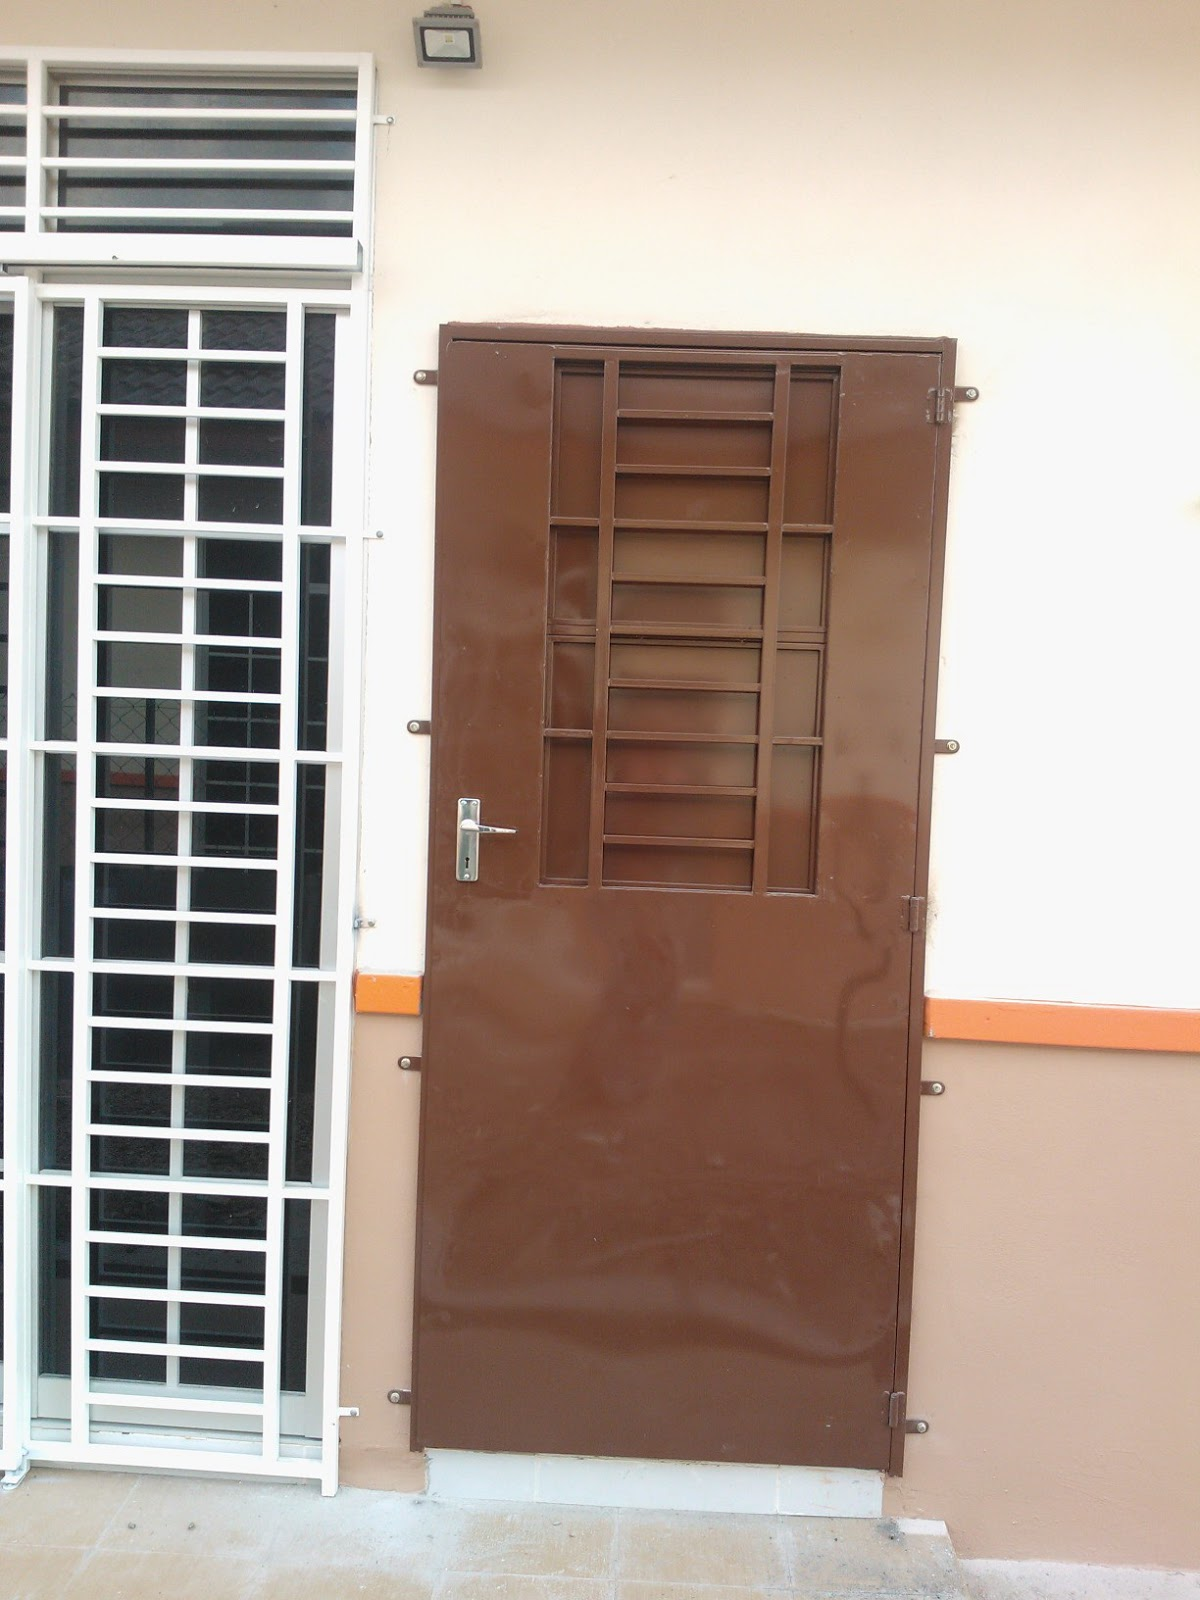 Ni Pintu Dapur Asal Yang Pemaju Bagi Aluminum Warna Kelabu Tuan Rumah Tukar Tu Sebab Senang Kalau Nak Masak Boleh Buka